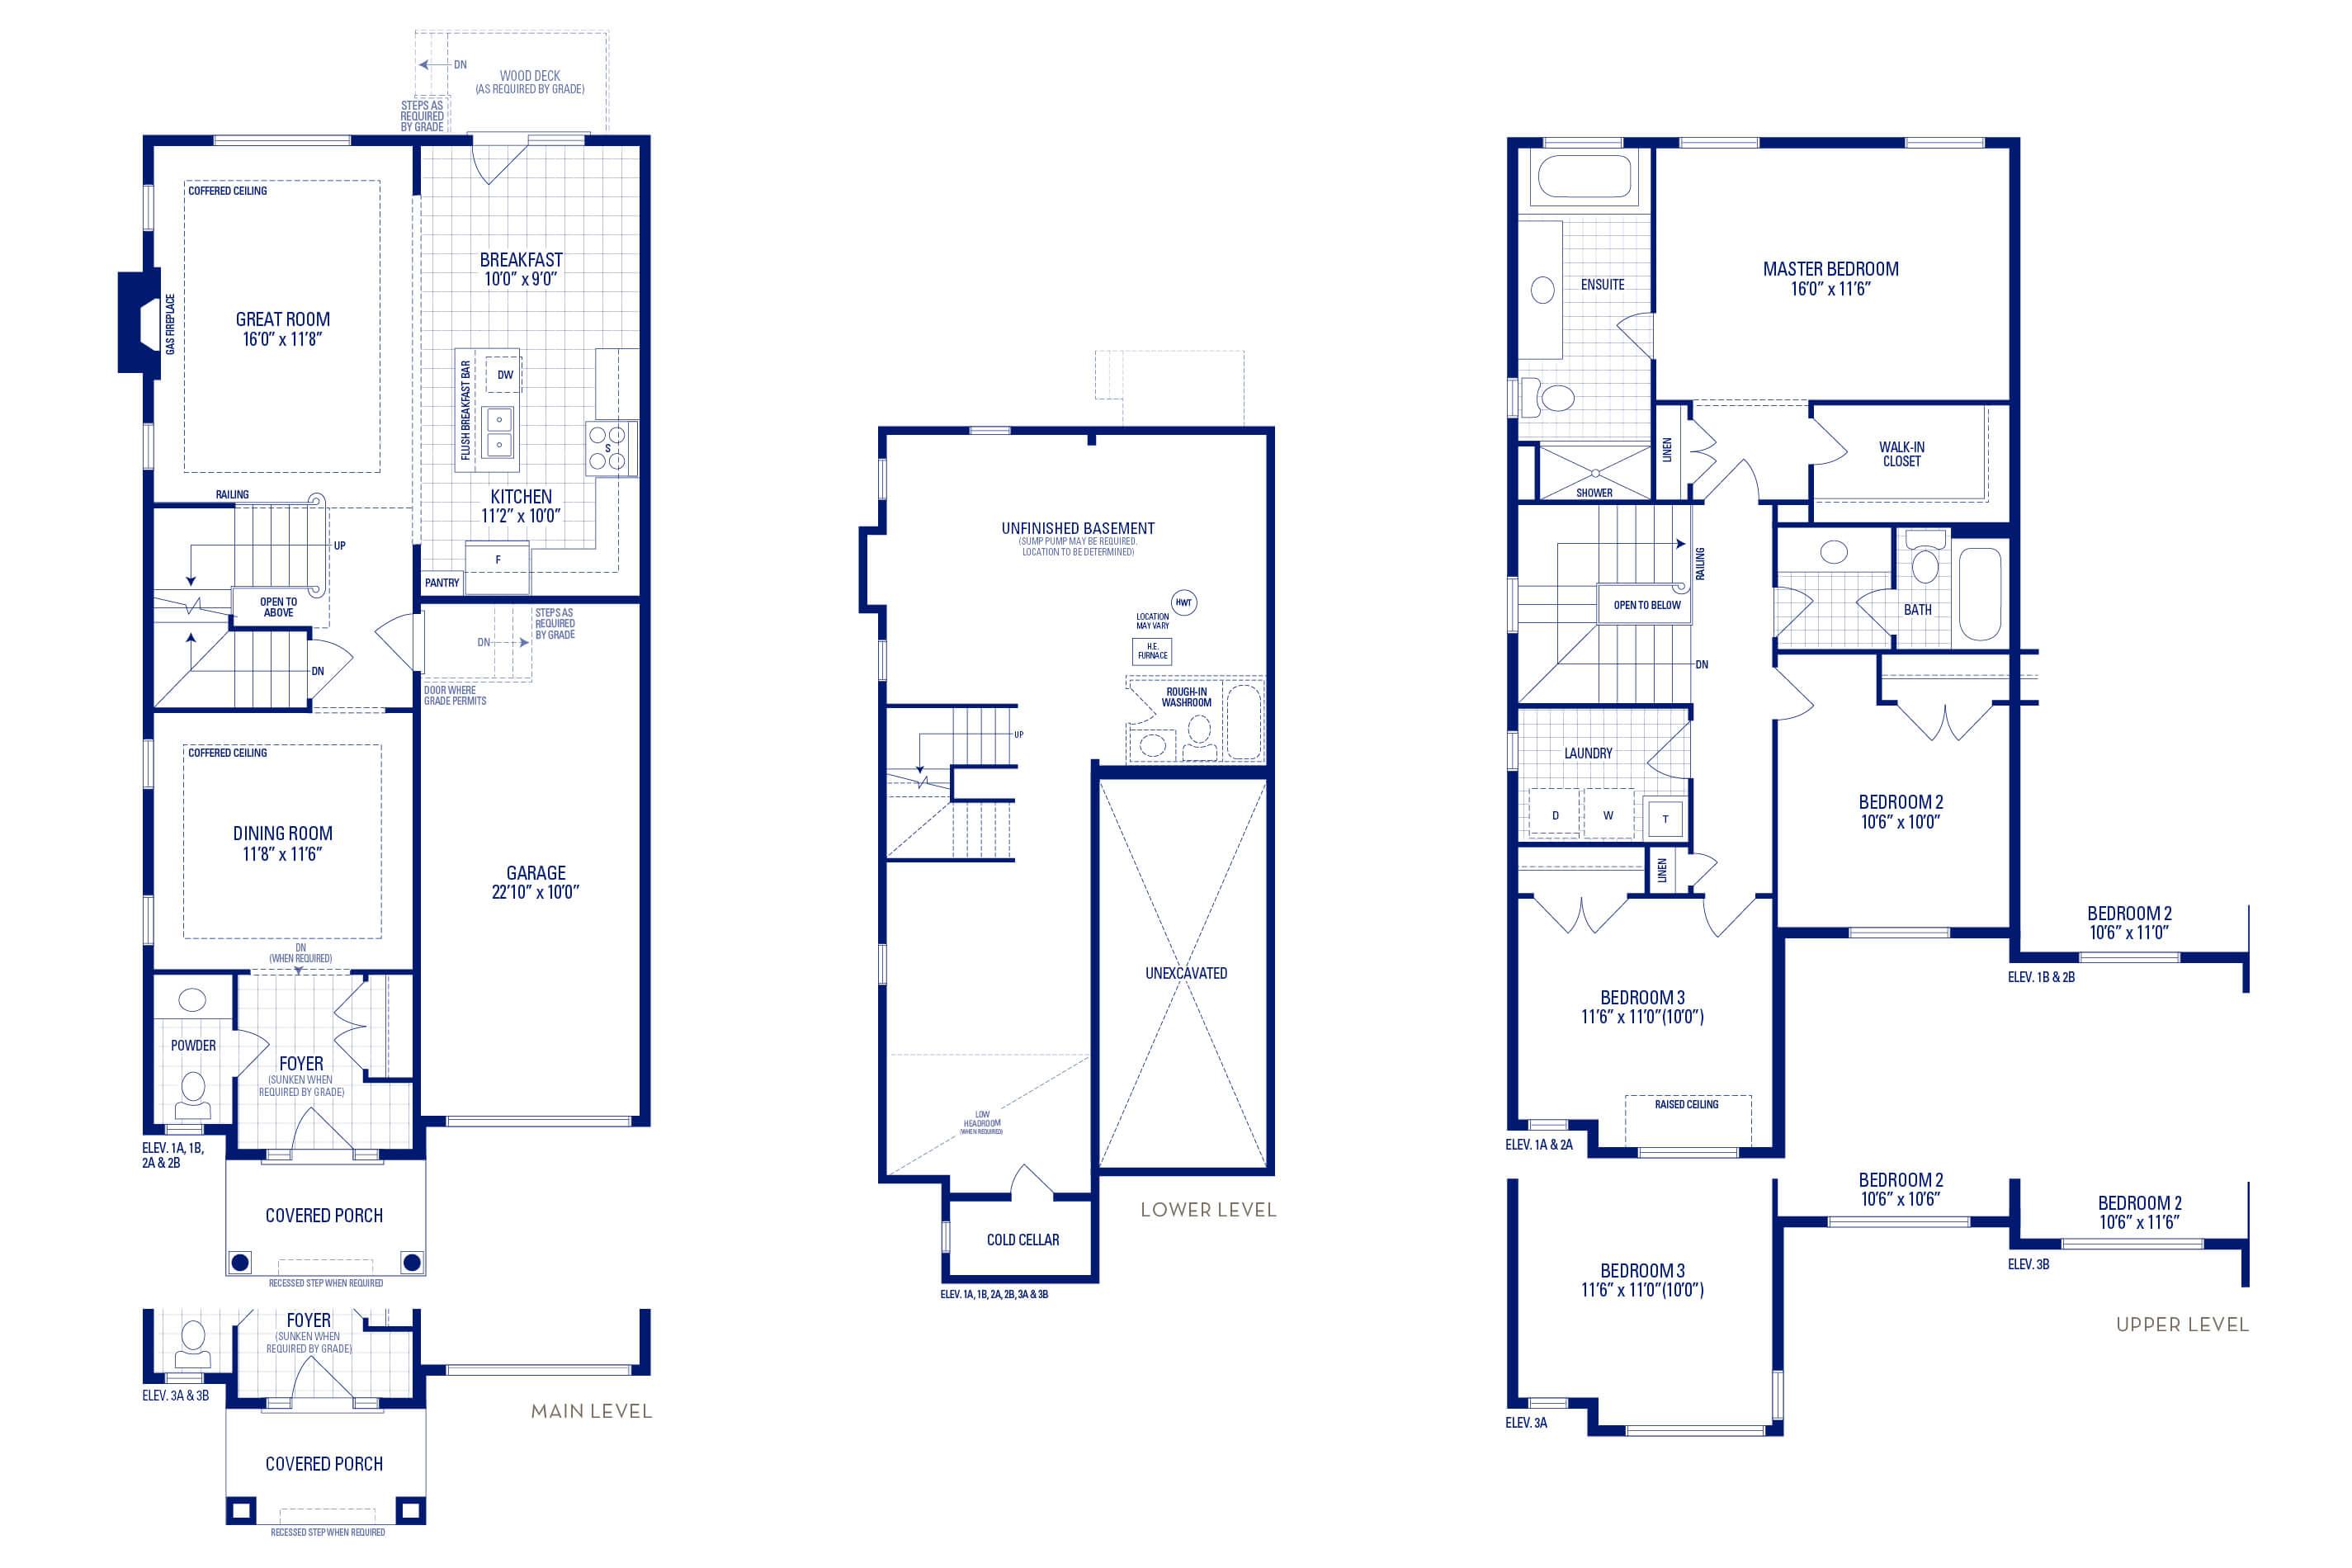 Heritage 02 Elev. 2B Floorplan